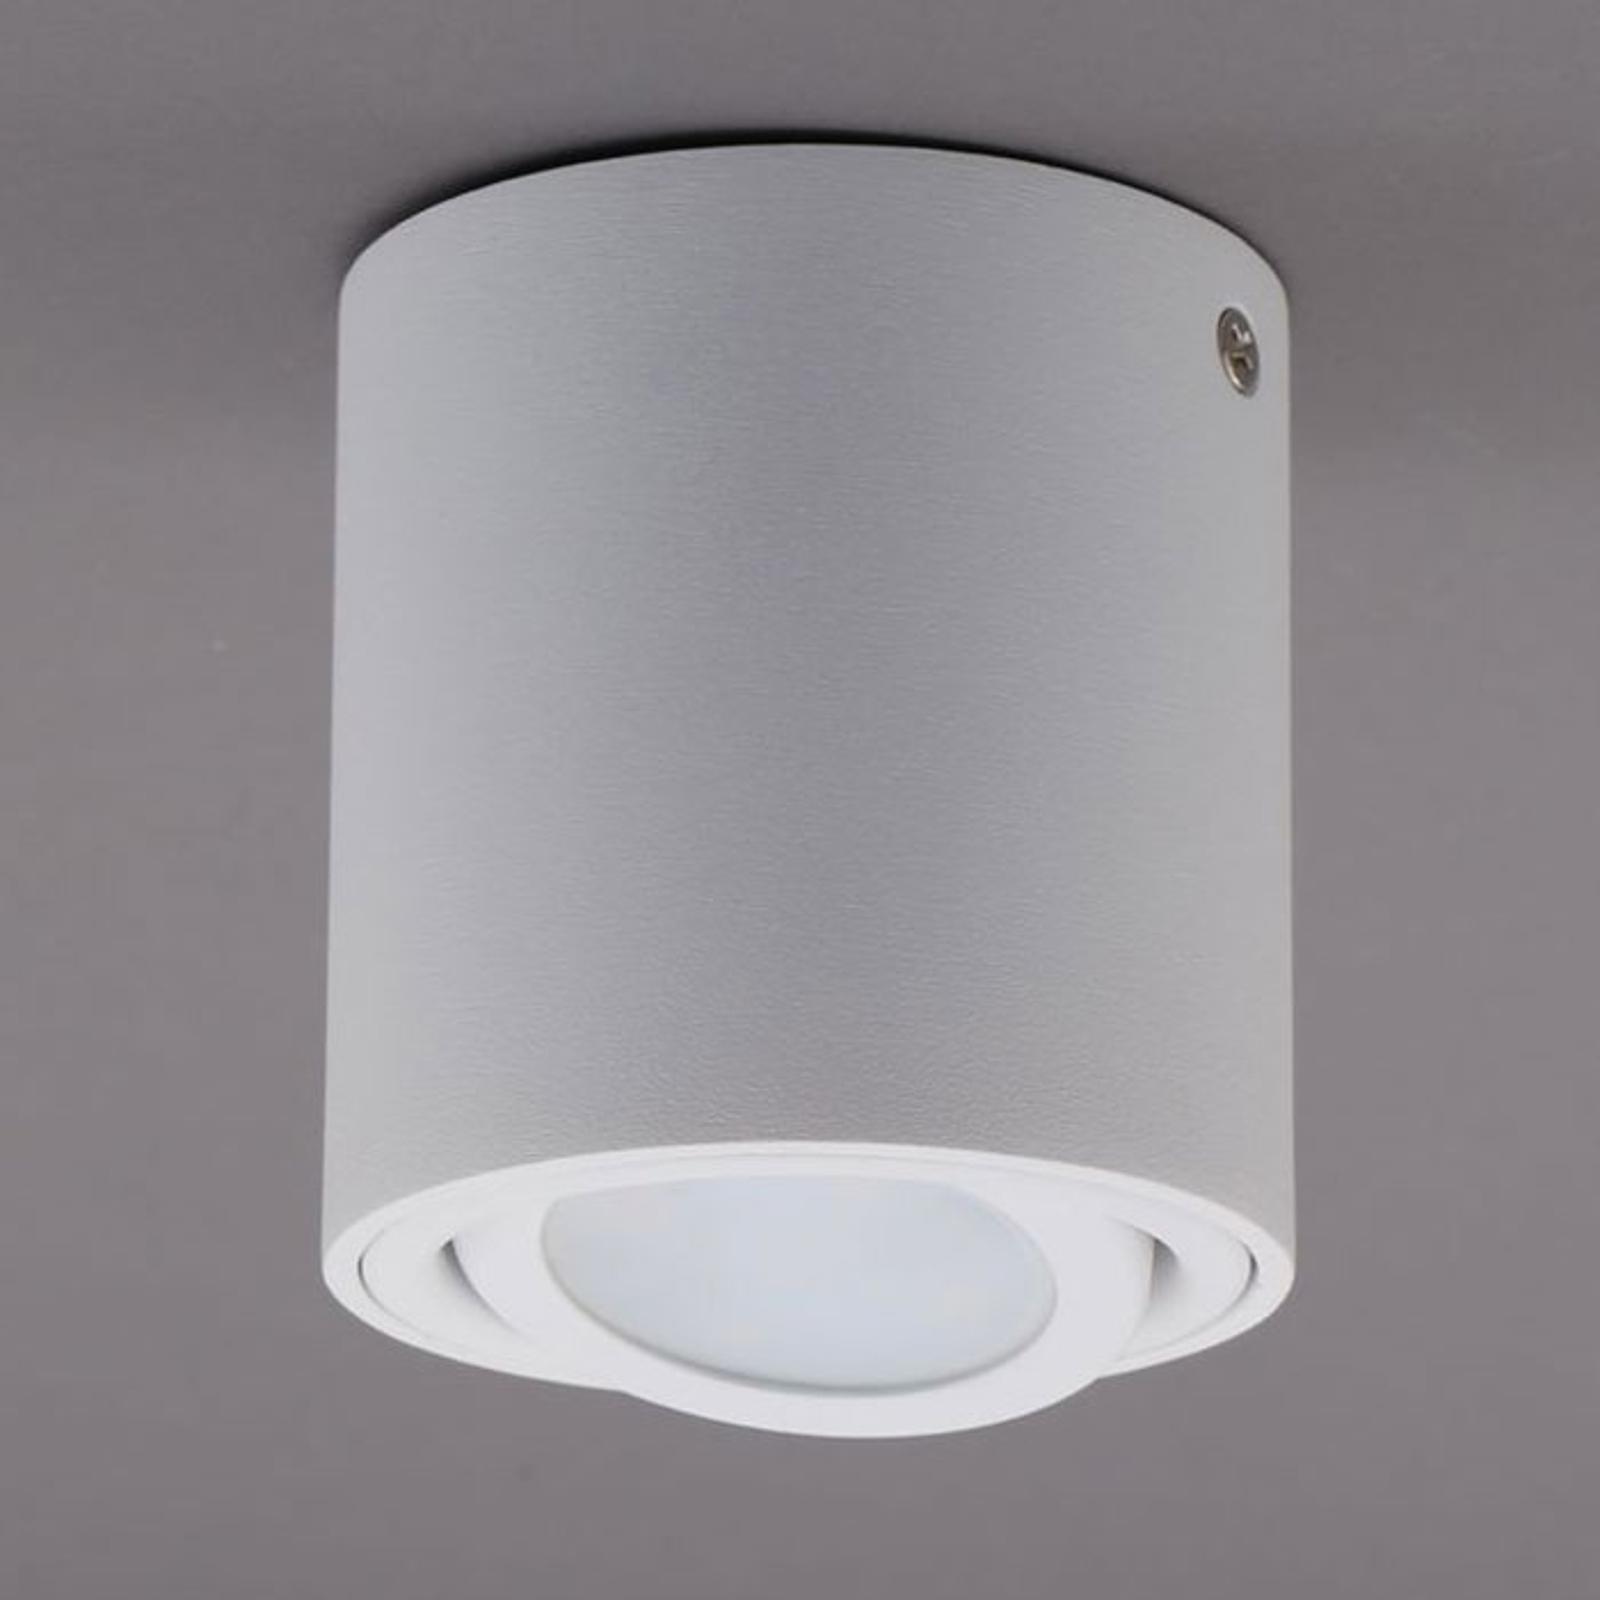 LED-Deckenlampe 7119 mit GU10 LED, weiß